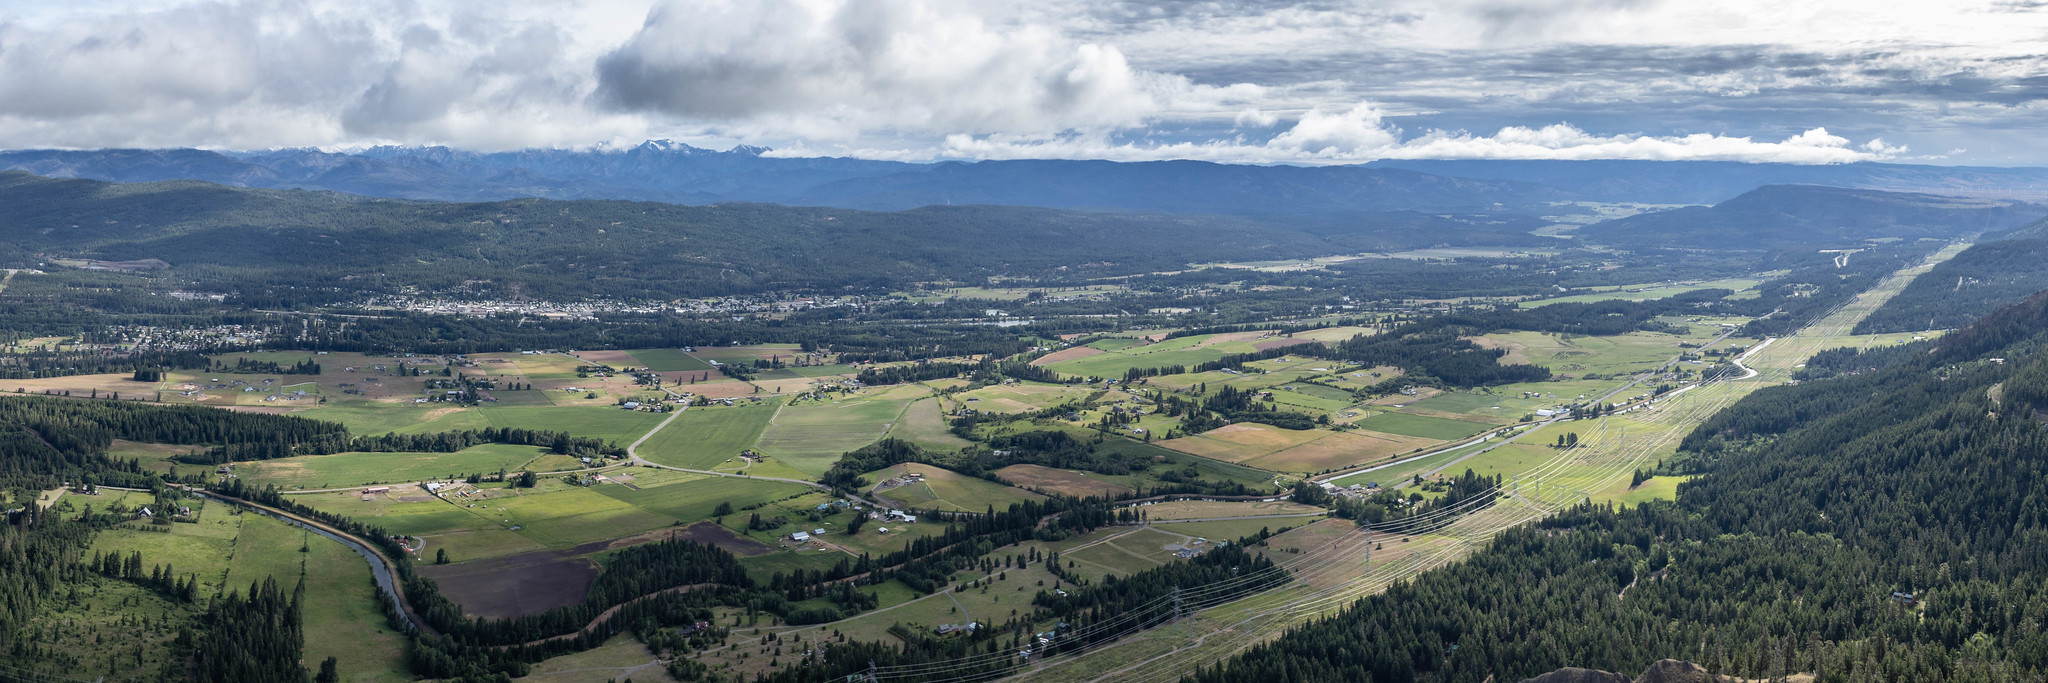 Northeastern panoramic view